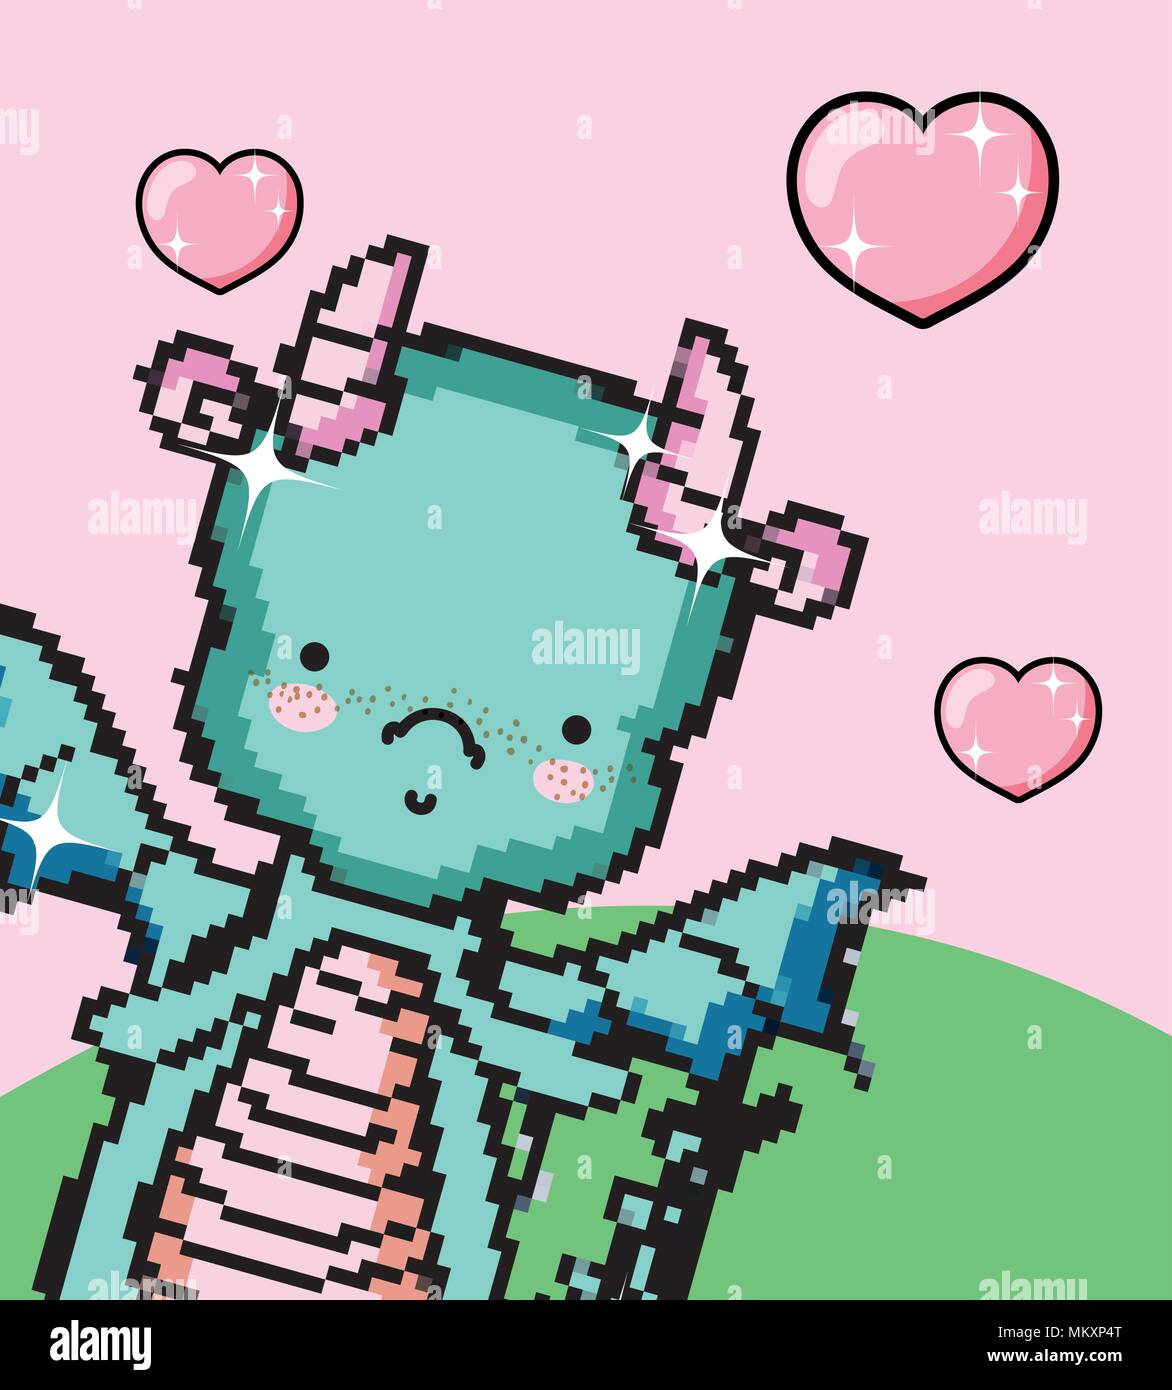 Pixel Art Dragon Mignon Vecteurs Et Illustration Image